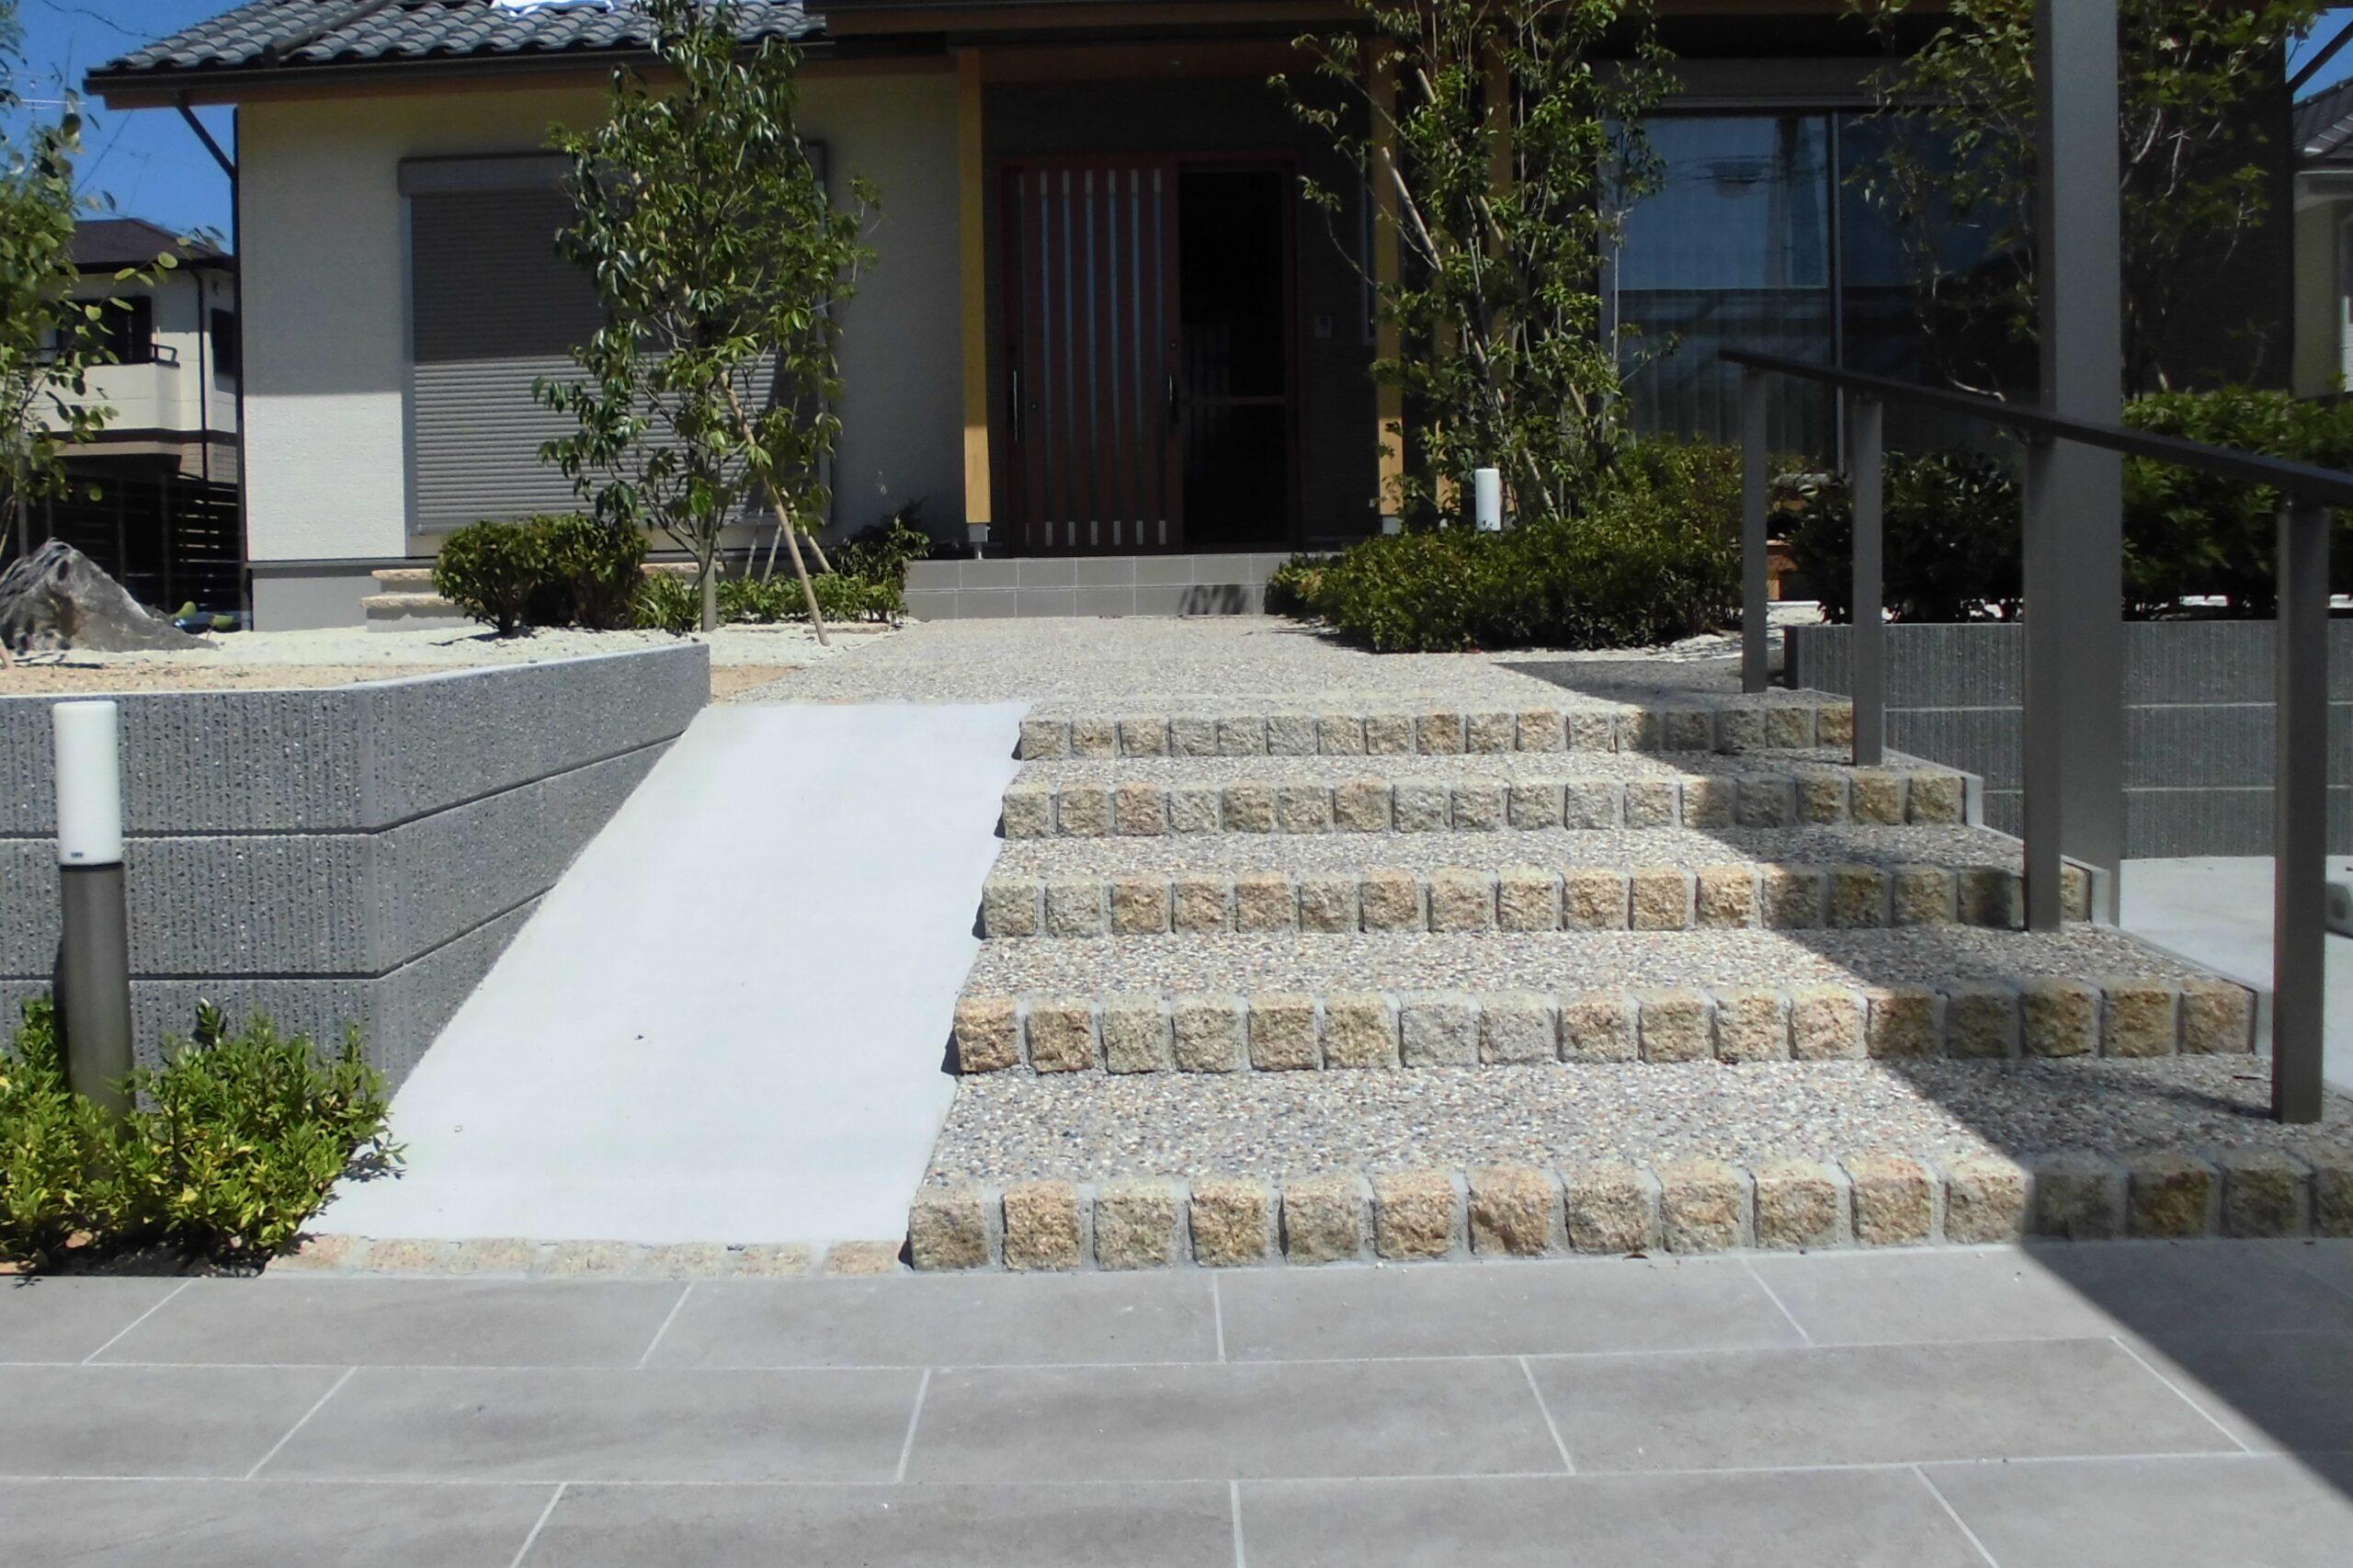 和風建築と調和した新築外構(名古屋市中村区Y様邸:渡邊工務店様物件)